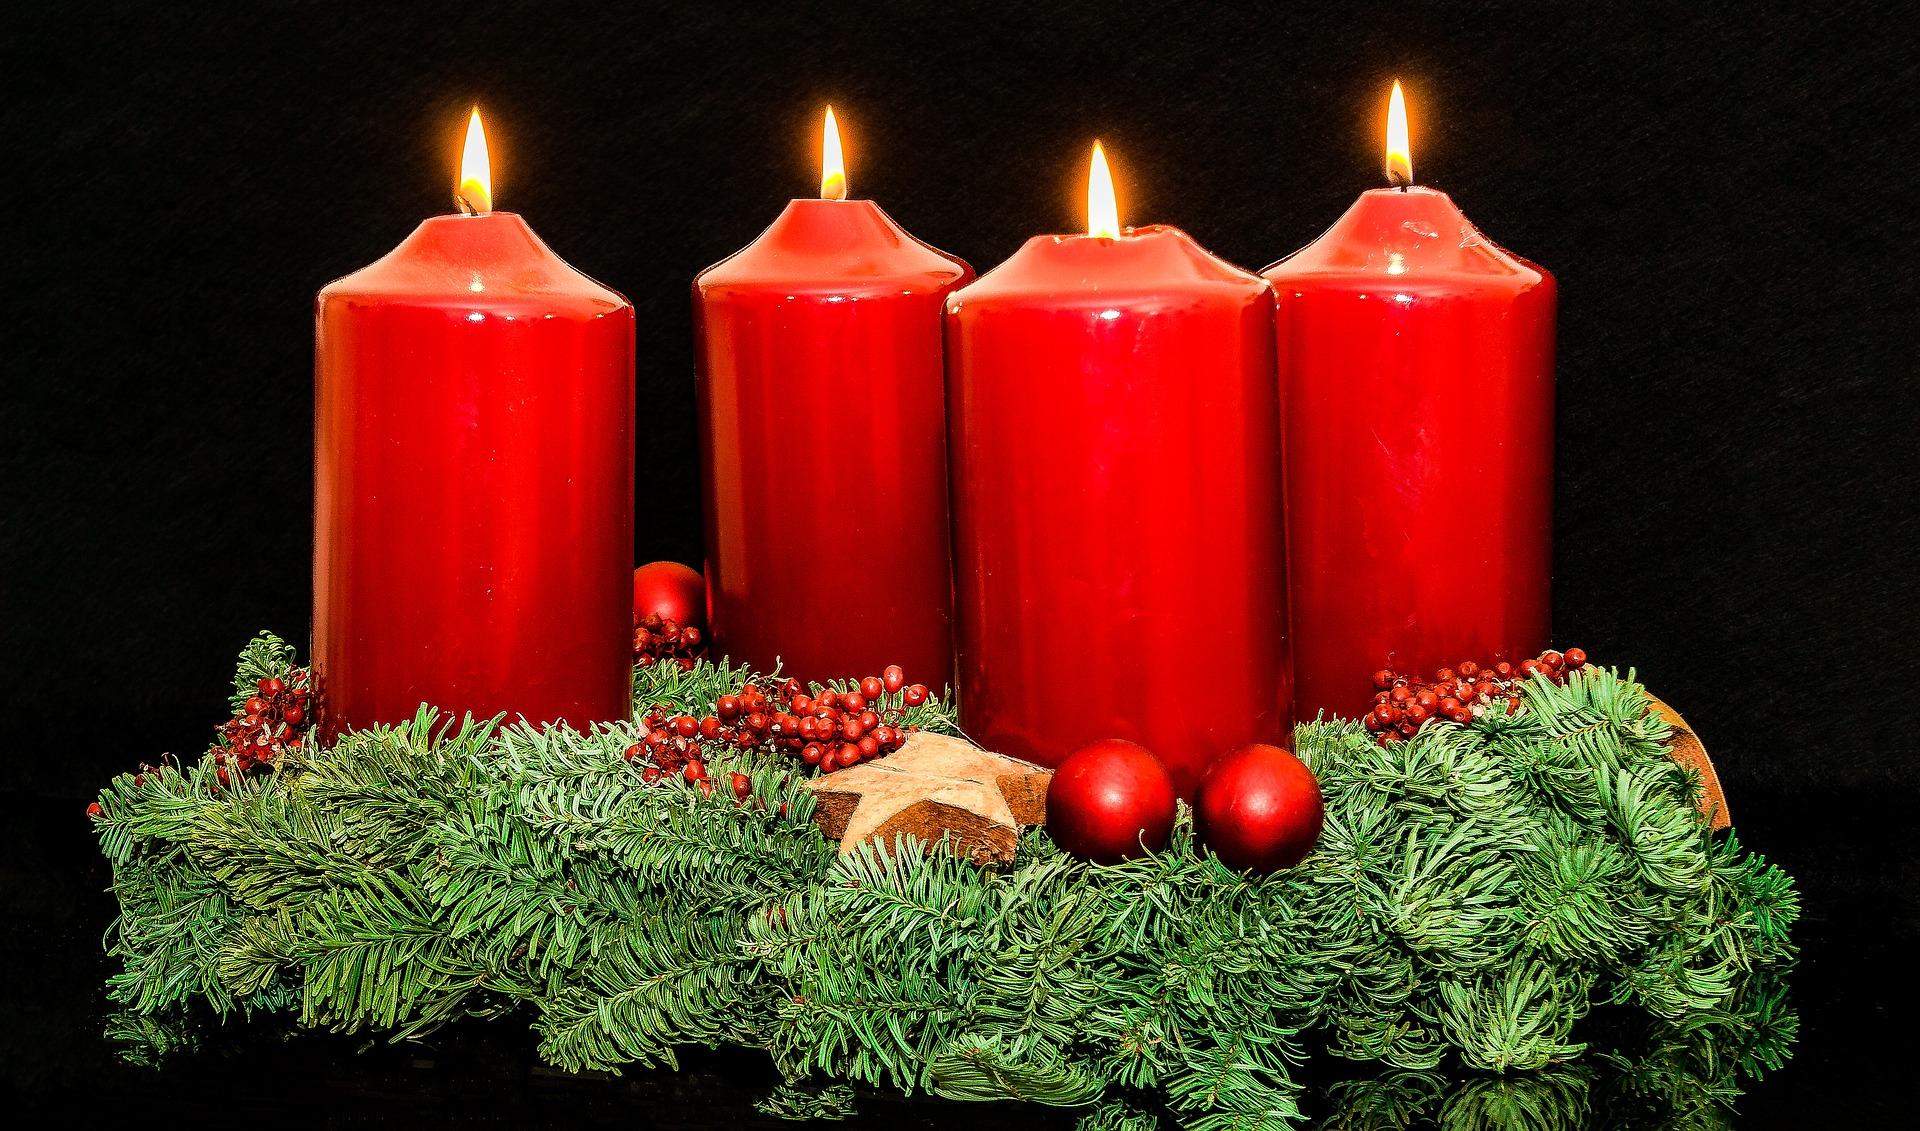 Pourquoi allume-t-on des bougies avant noël? 2